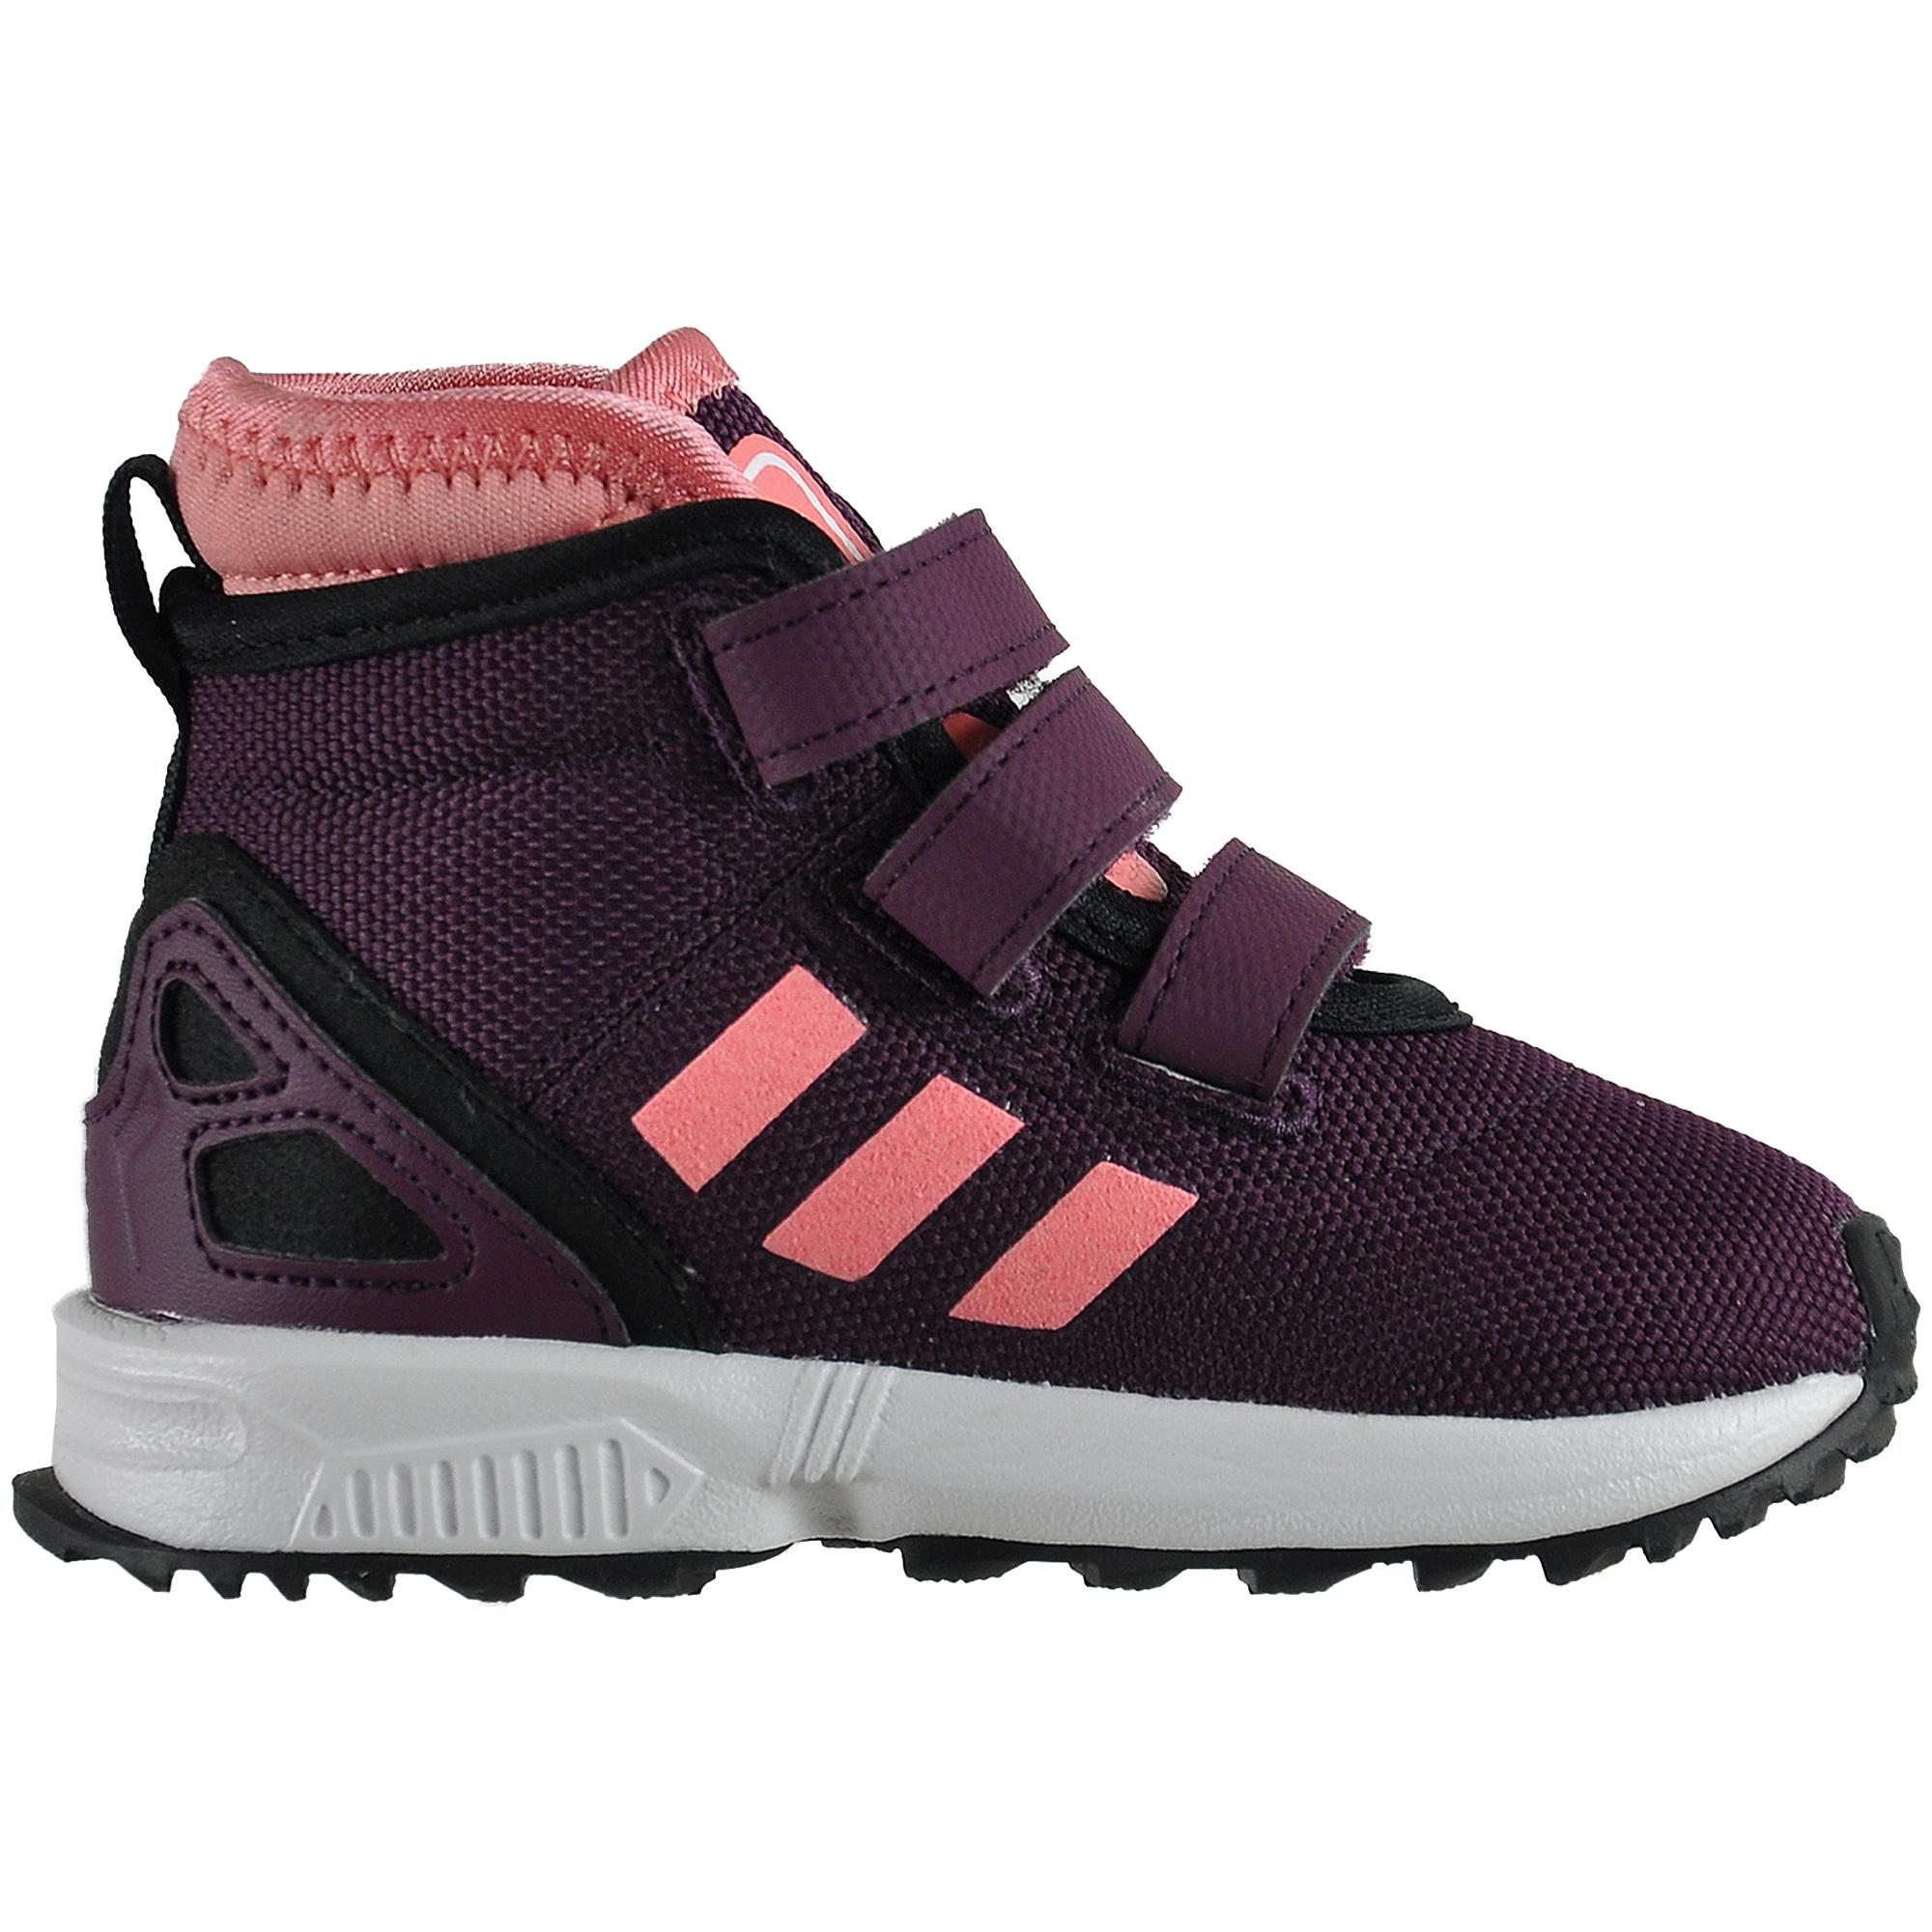 a4a3ed7b5 adidas Zx Flux Winter Comfort Çocuk Bot  B24753 - Barcin.com